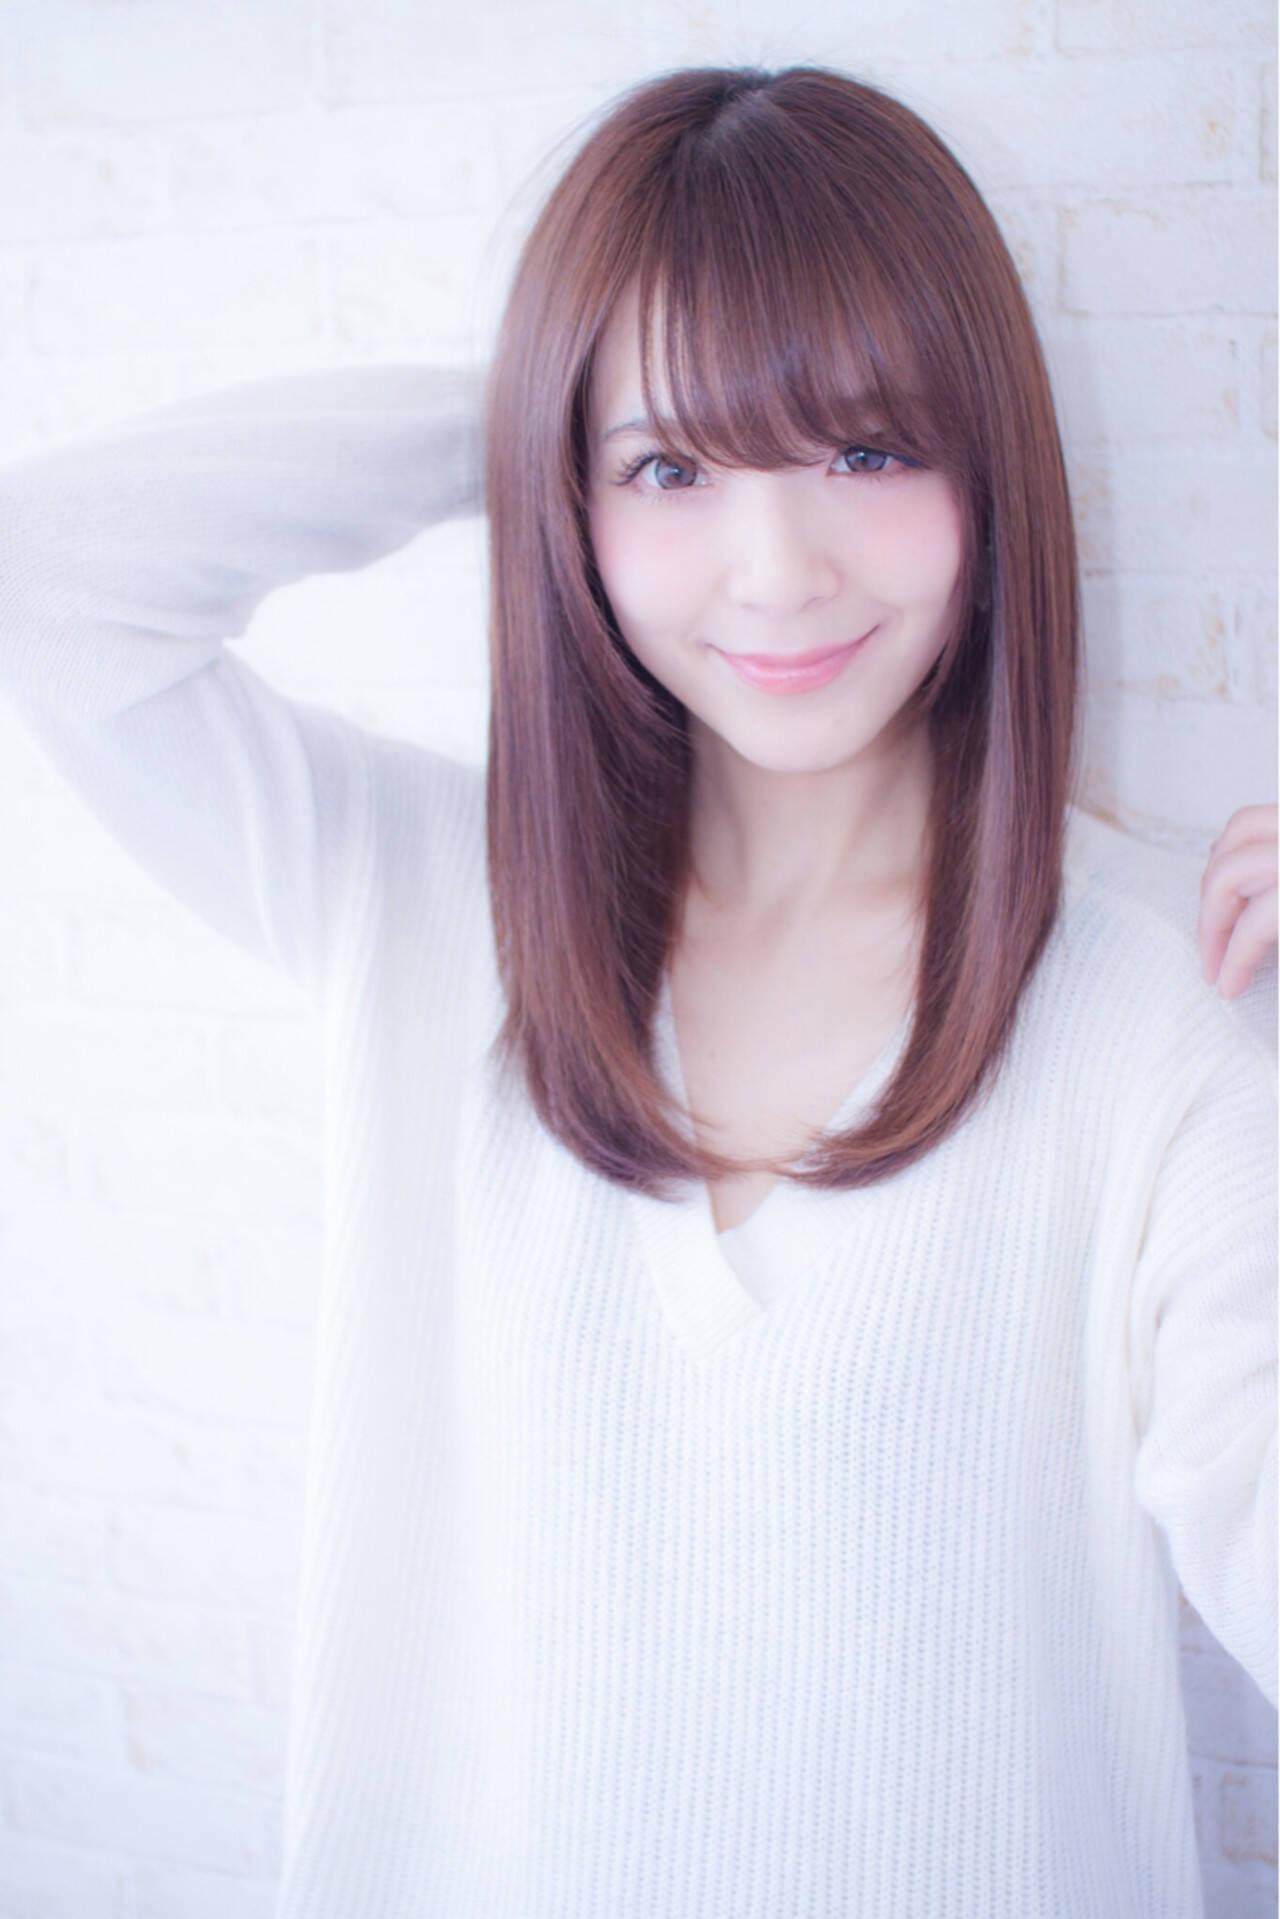 ミディアム コンサバ ストレート 艶髪ヘアスタイルや髪型の写真・画像